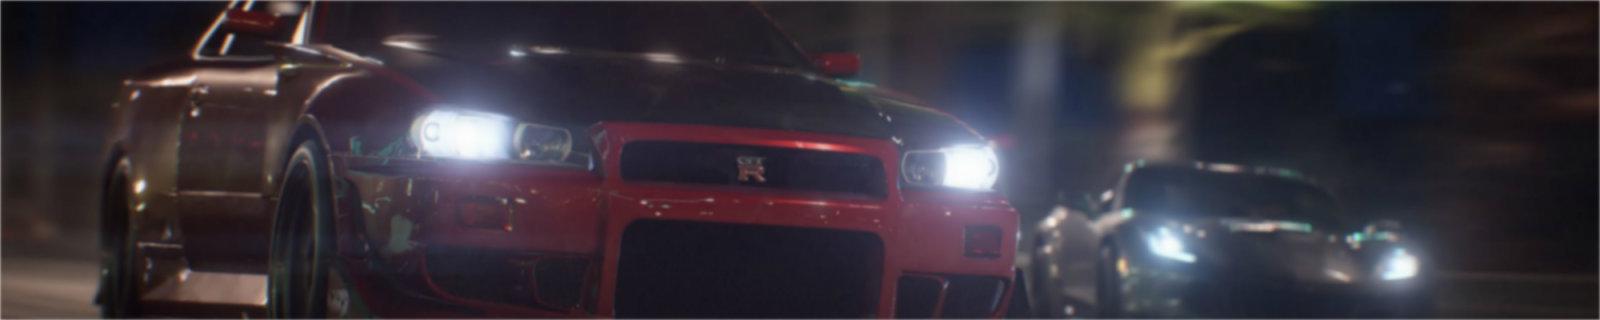 《极品飞车:复仇》公布剧情预告片,爆炸、撞车、警察追车全有了